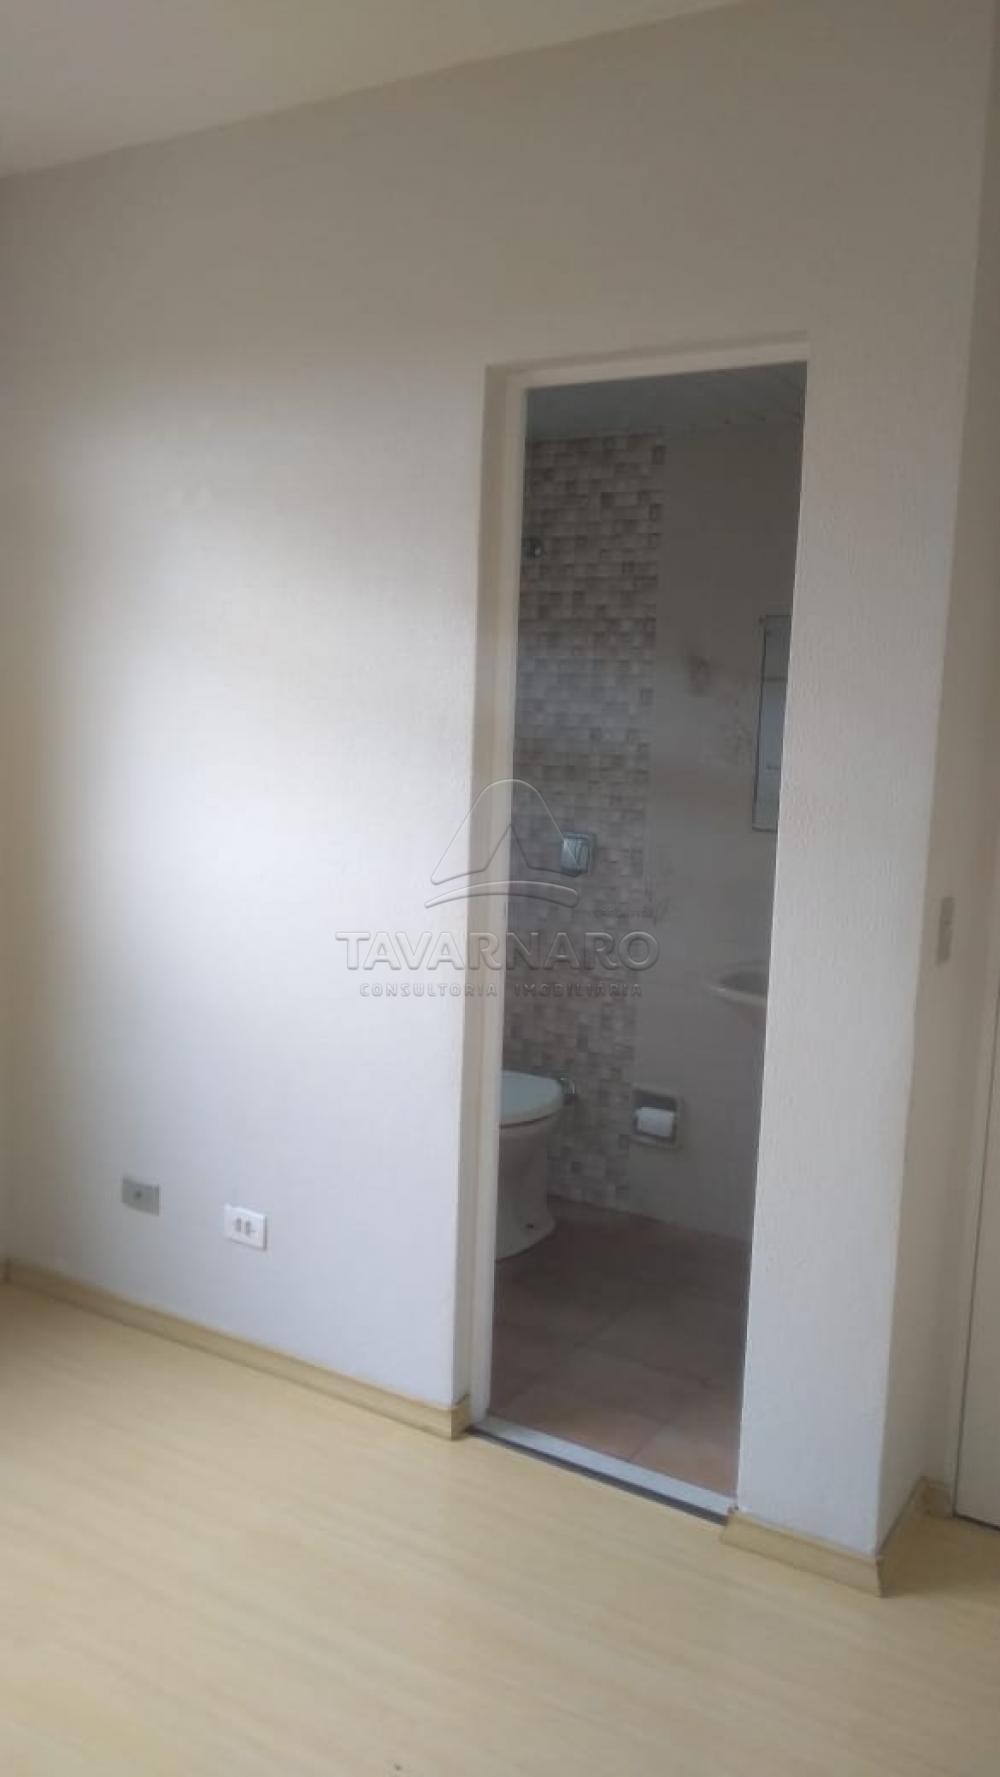 Comprar Apartamento / Padrão em Ponta Grossa R$ 190.000,00 - Foto 9